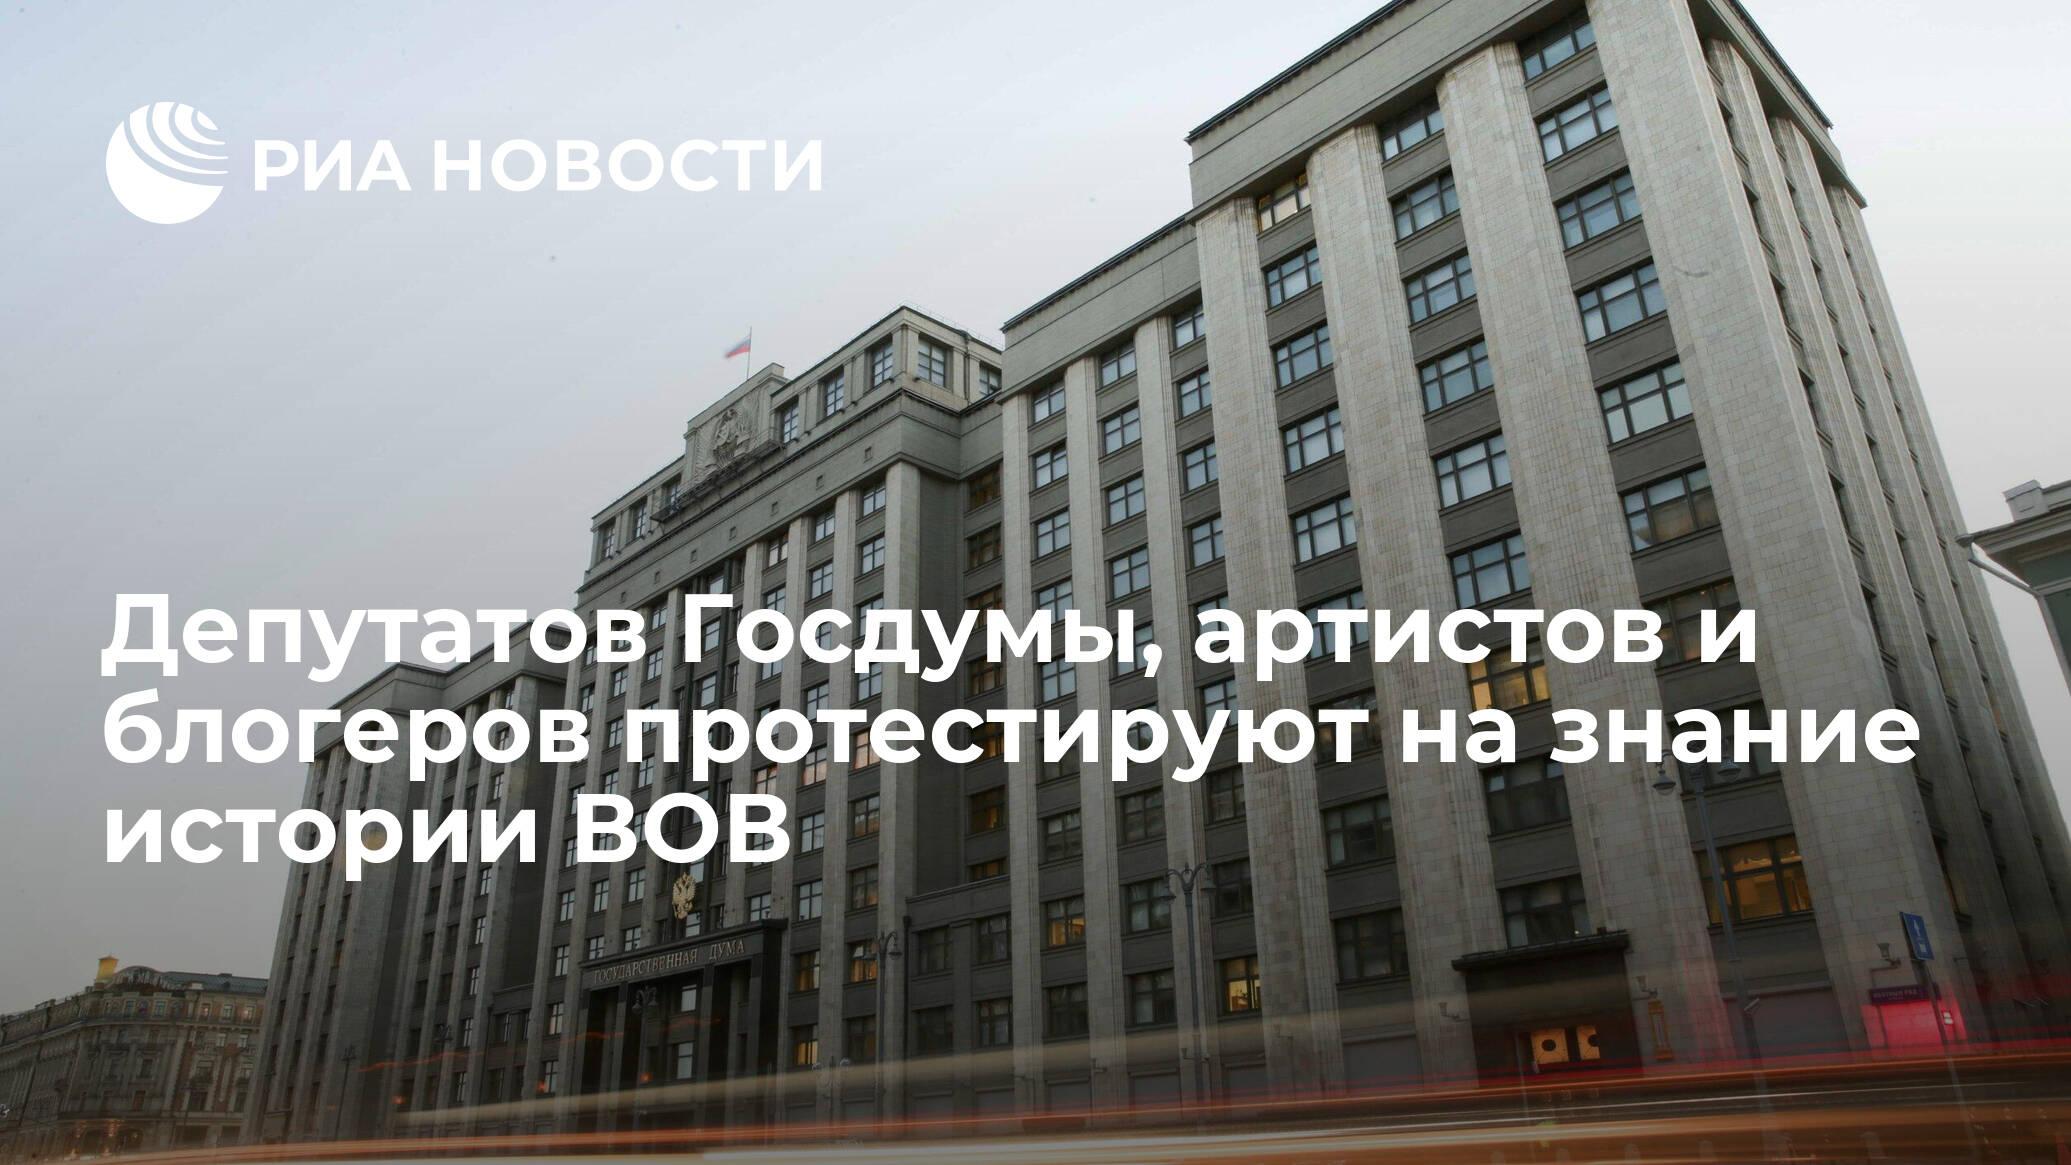 Депутатов Госдумы, артистов и блогеров протестируют на знание истории ВОВ